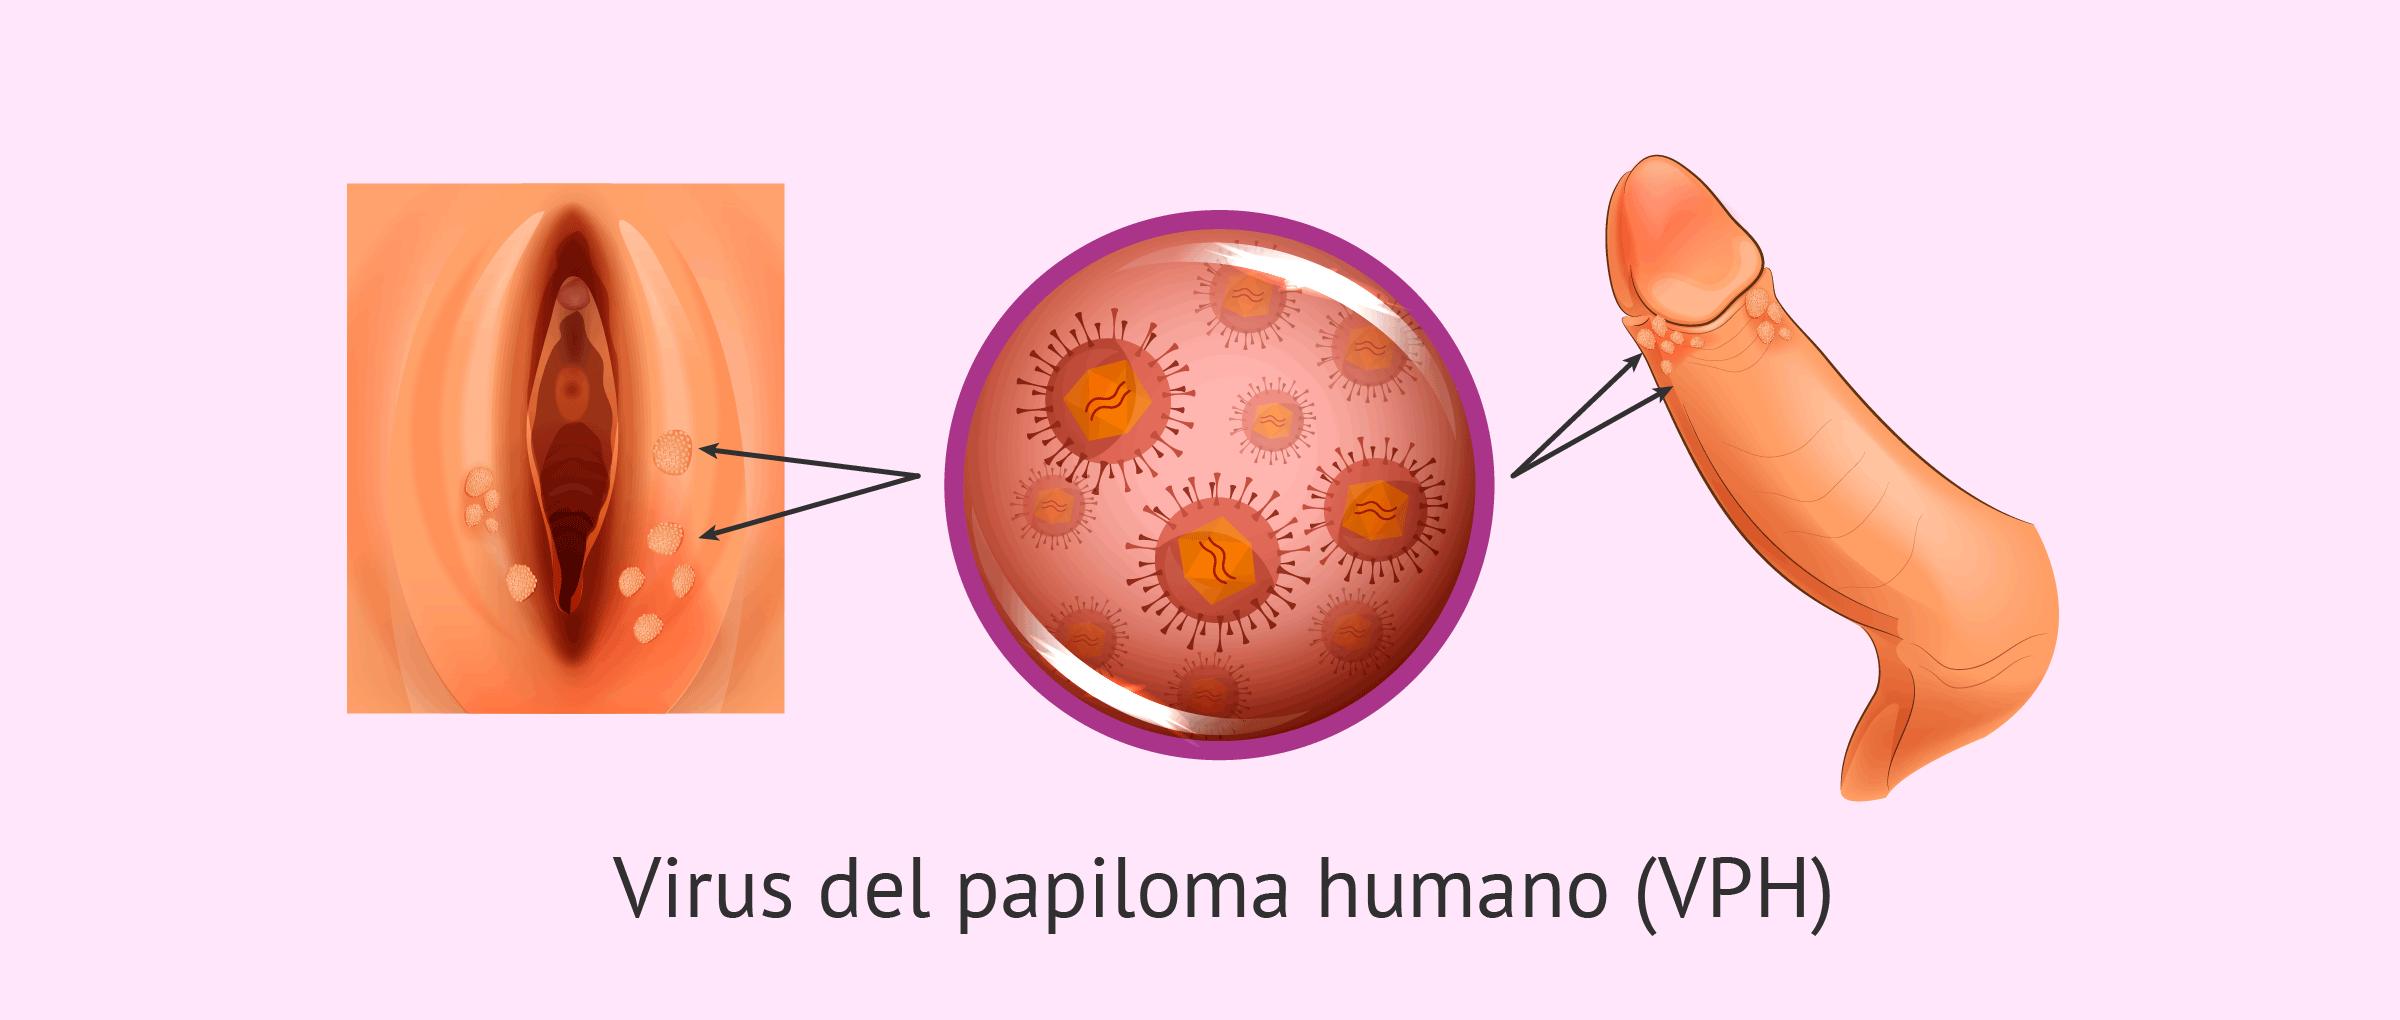 Infectia cu HPV: Cauze, simptome, tratament, preventie | Bioclinica